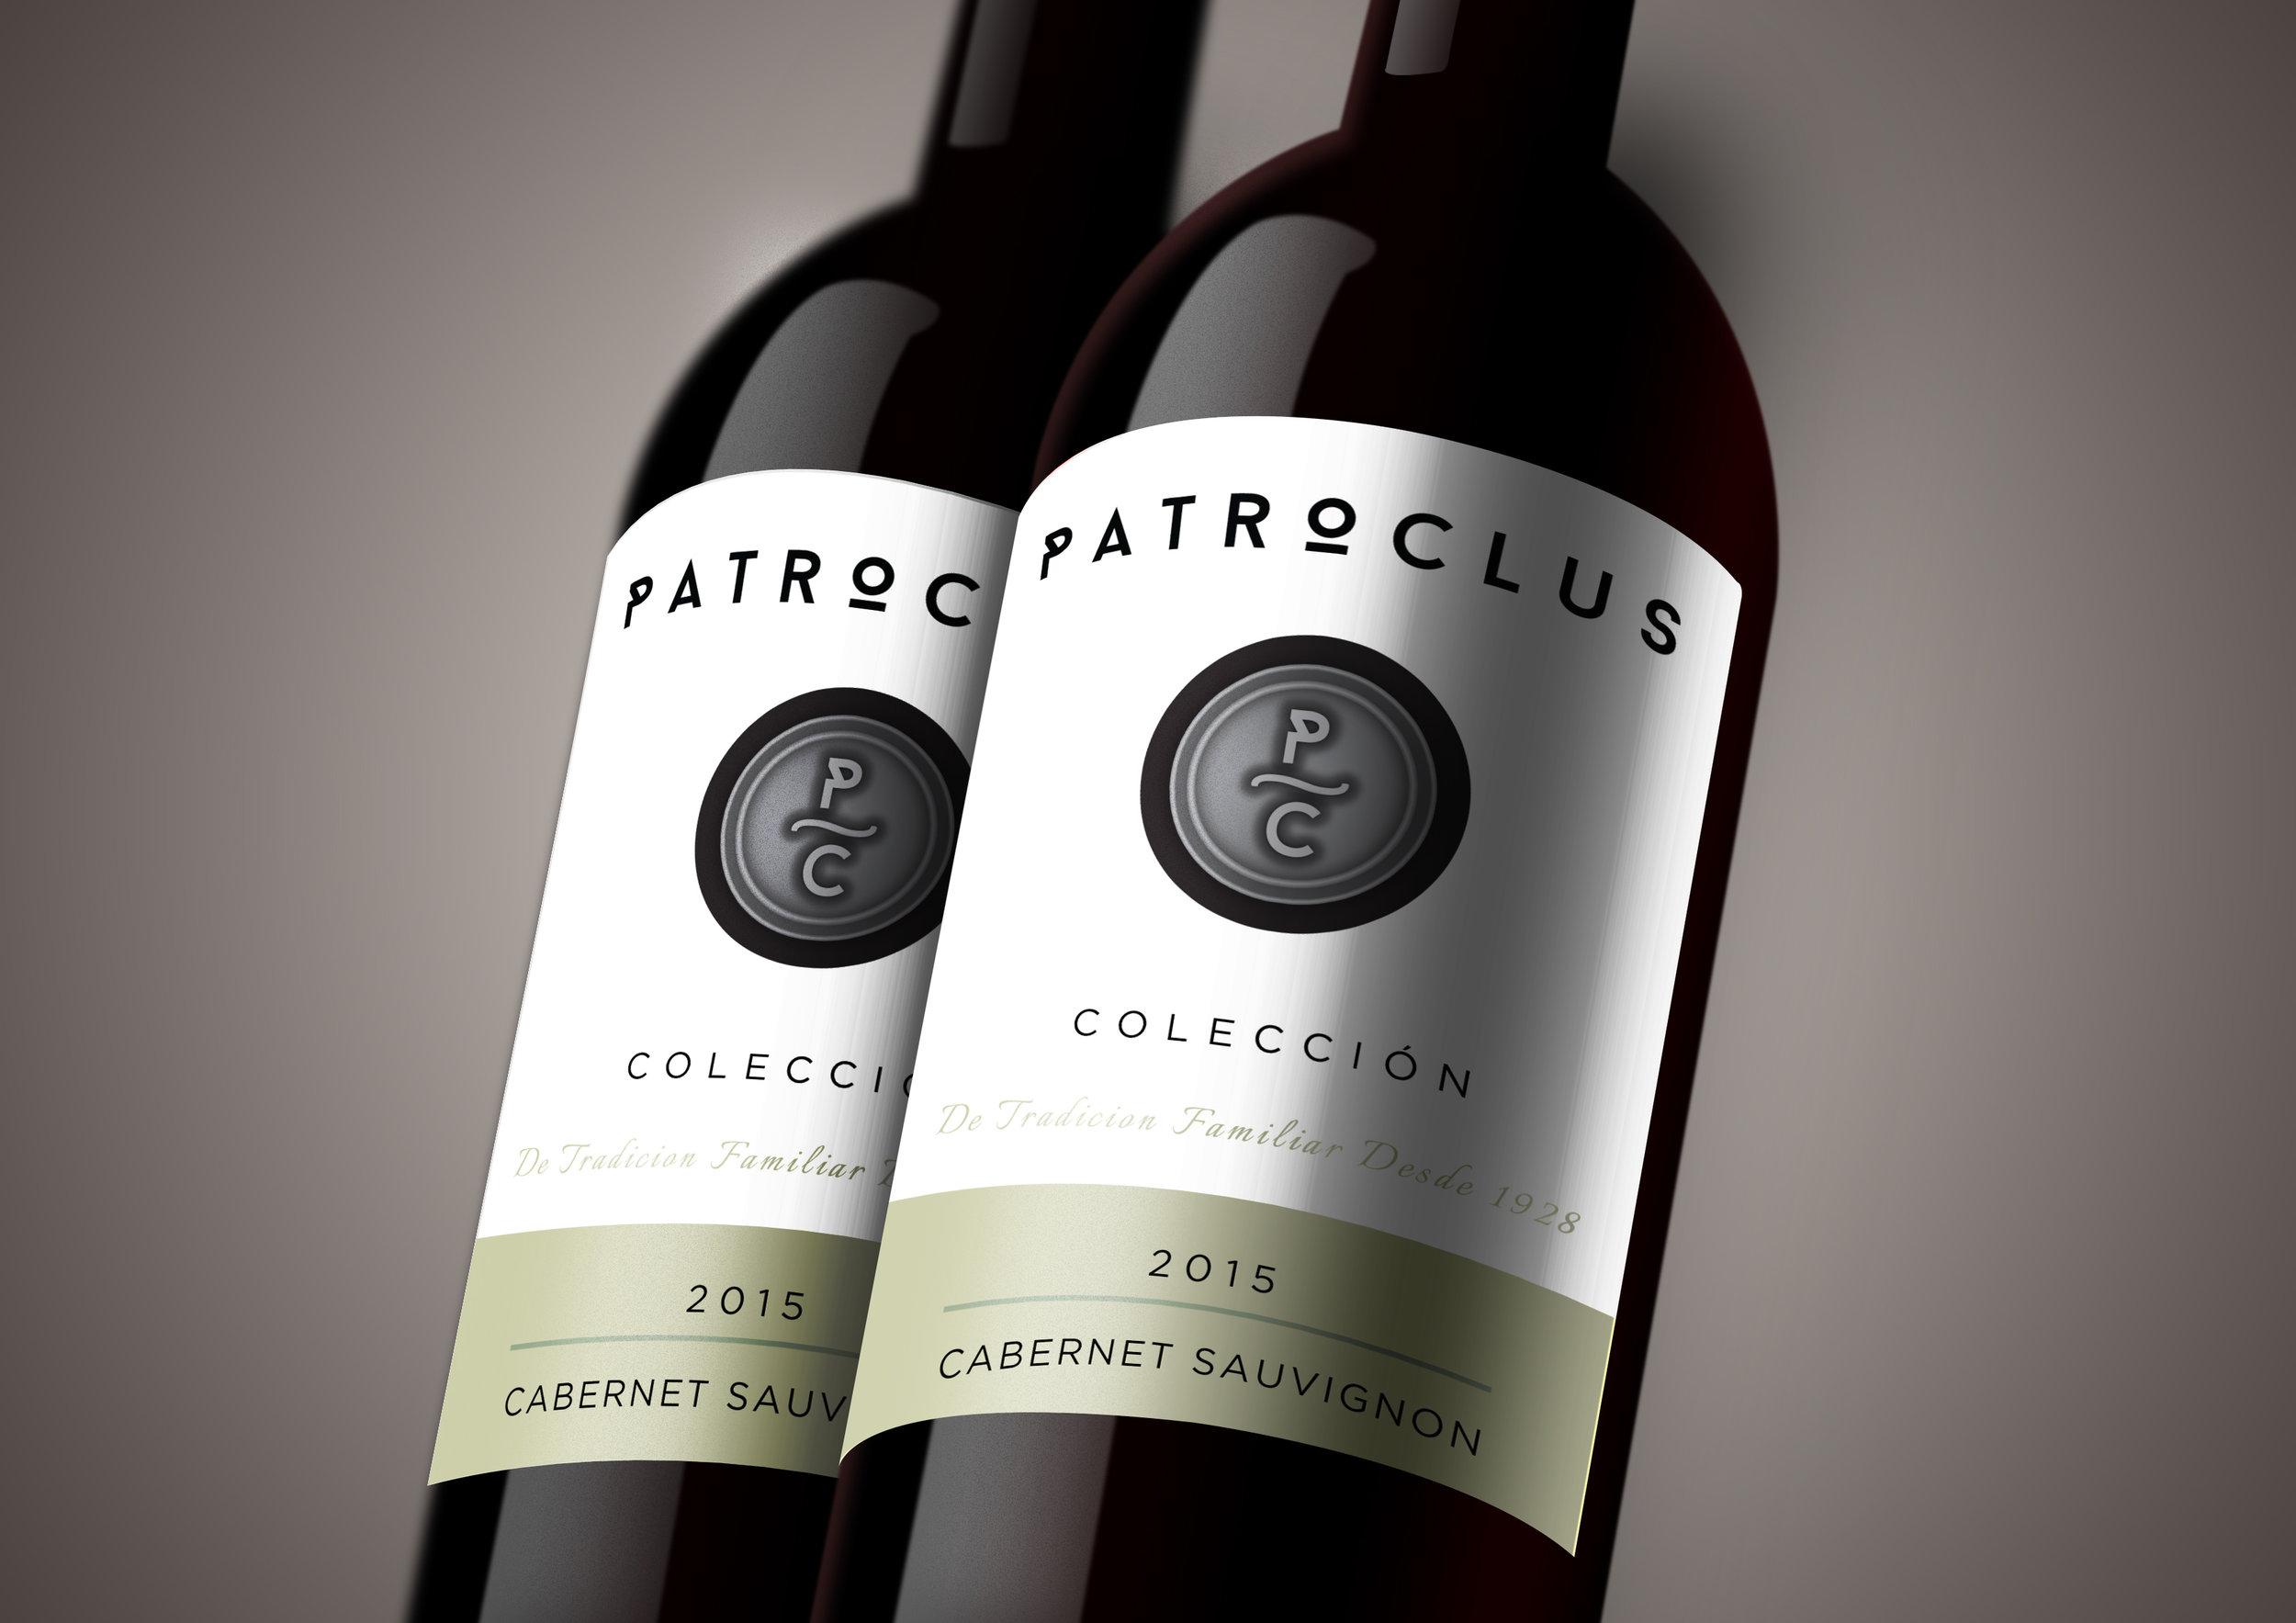 Patroclus 2 Bottle Shot Mock Up.jpg